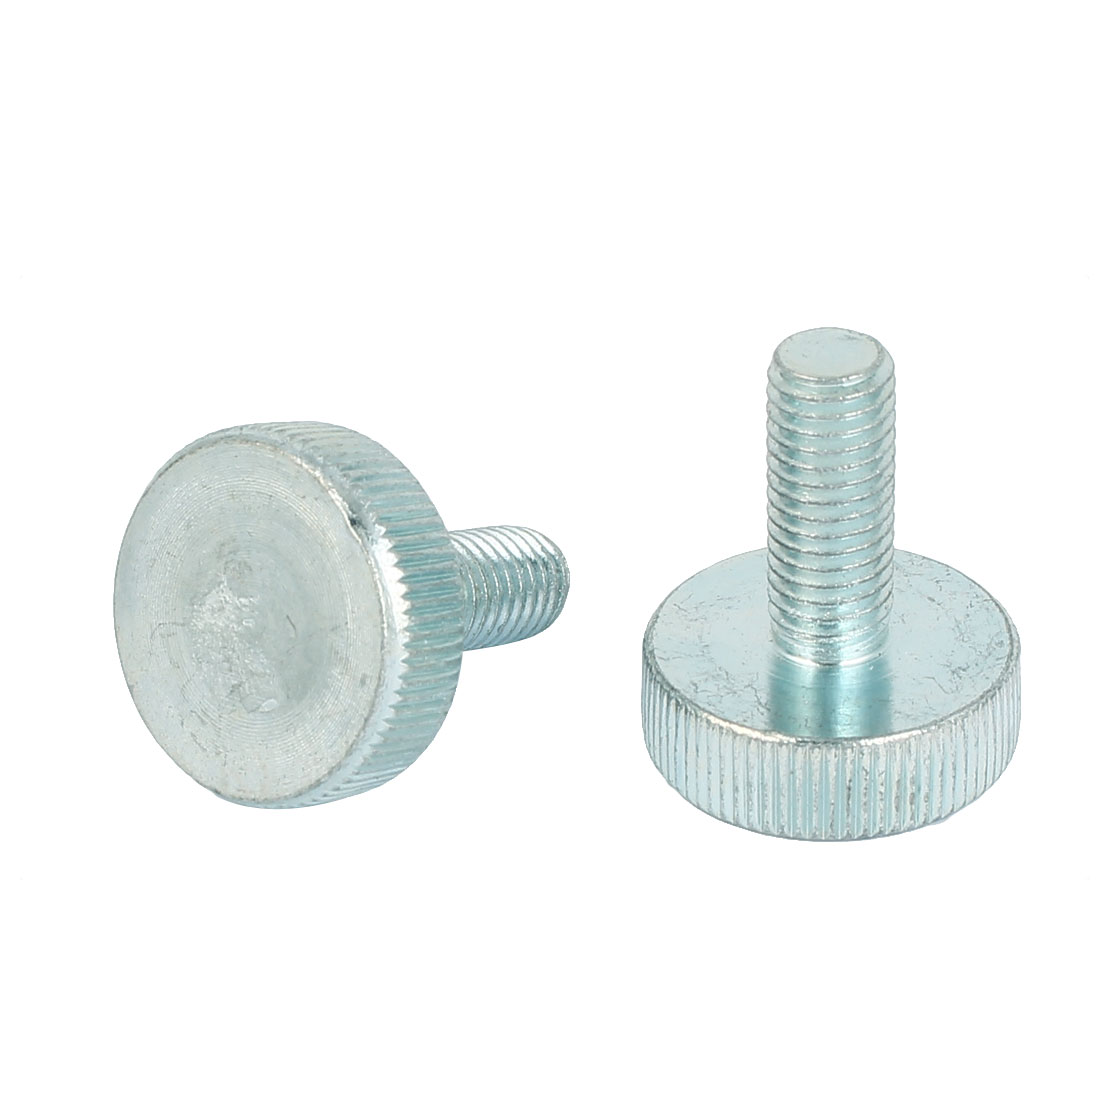 M10x25mm Thread Carbon Steel Knurled Round Head Thumb Screws Silver Blue 2pcs